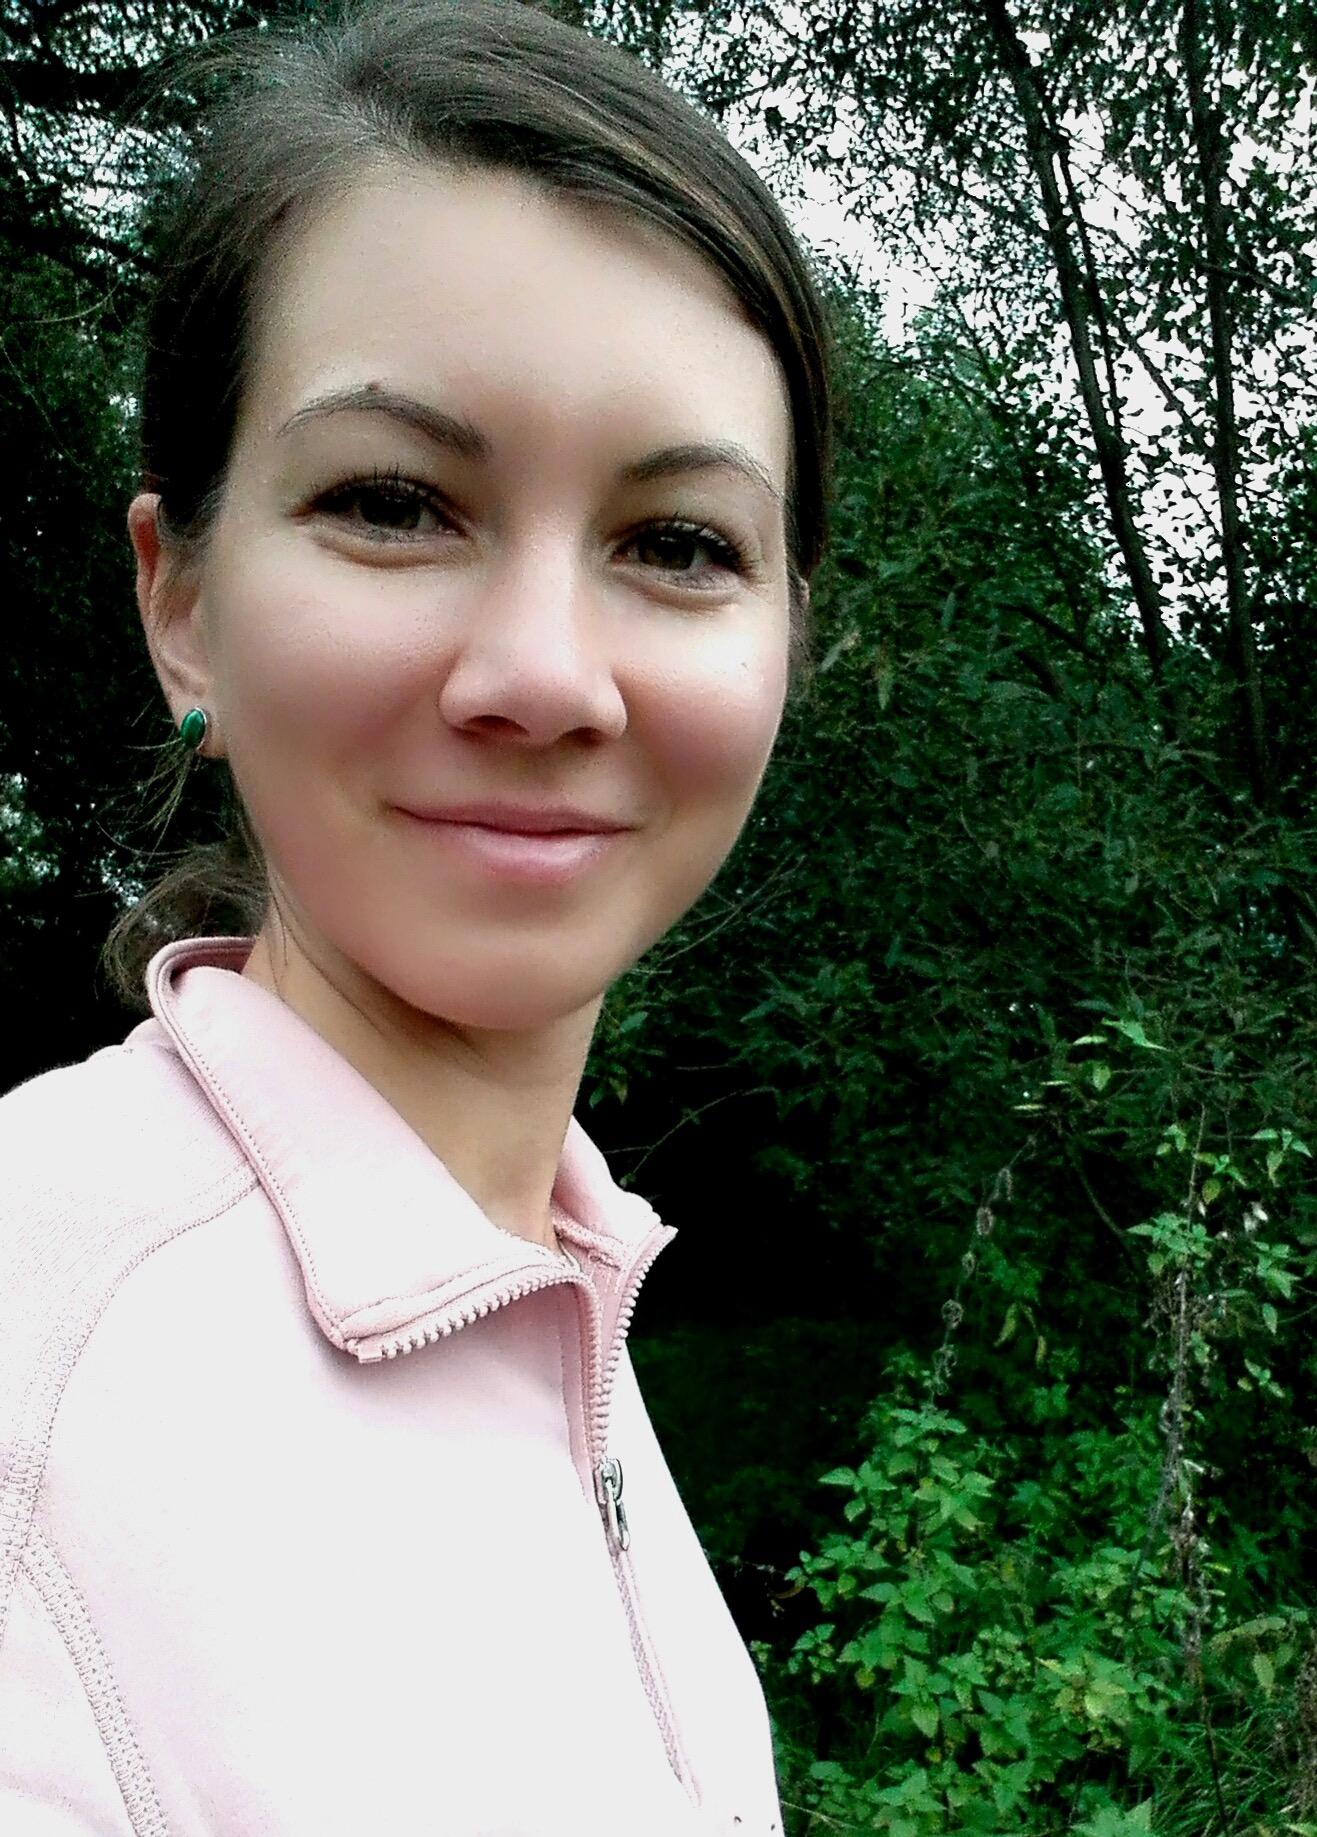 Zuzanna Slemenská